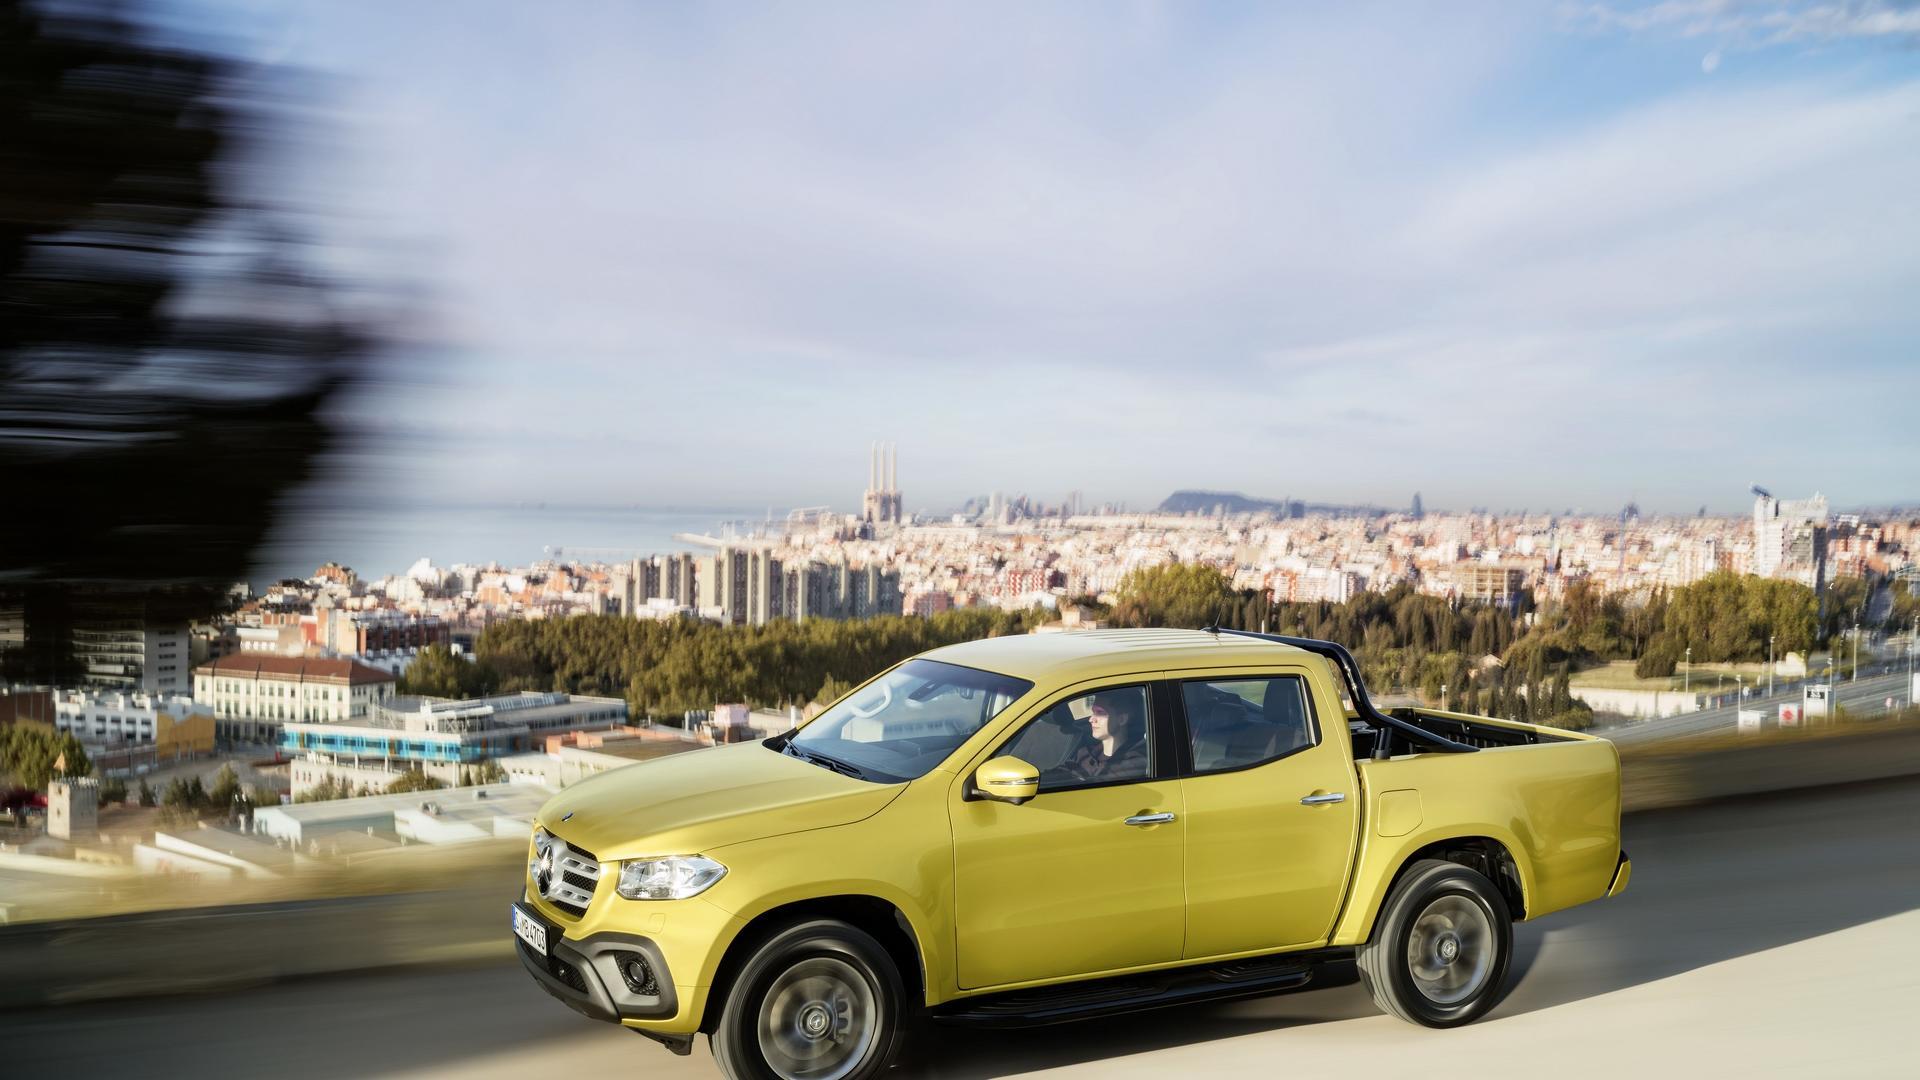 BMW не будет делать новые модели на базе машин других марок